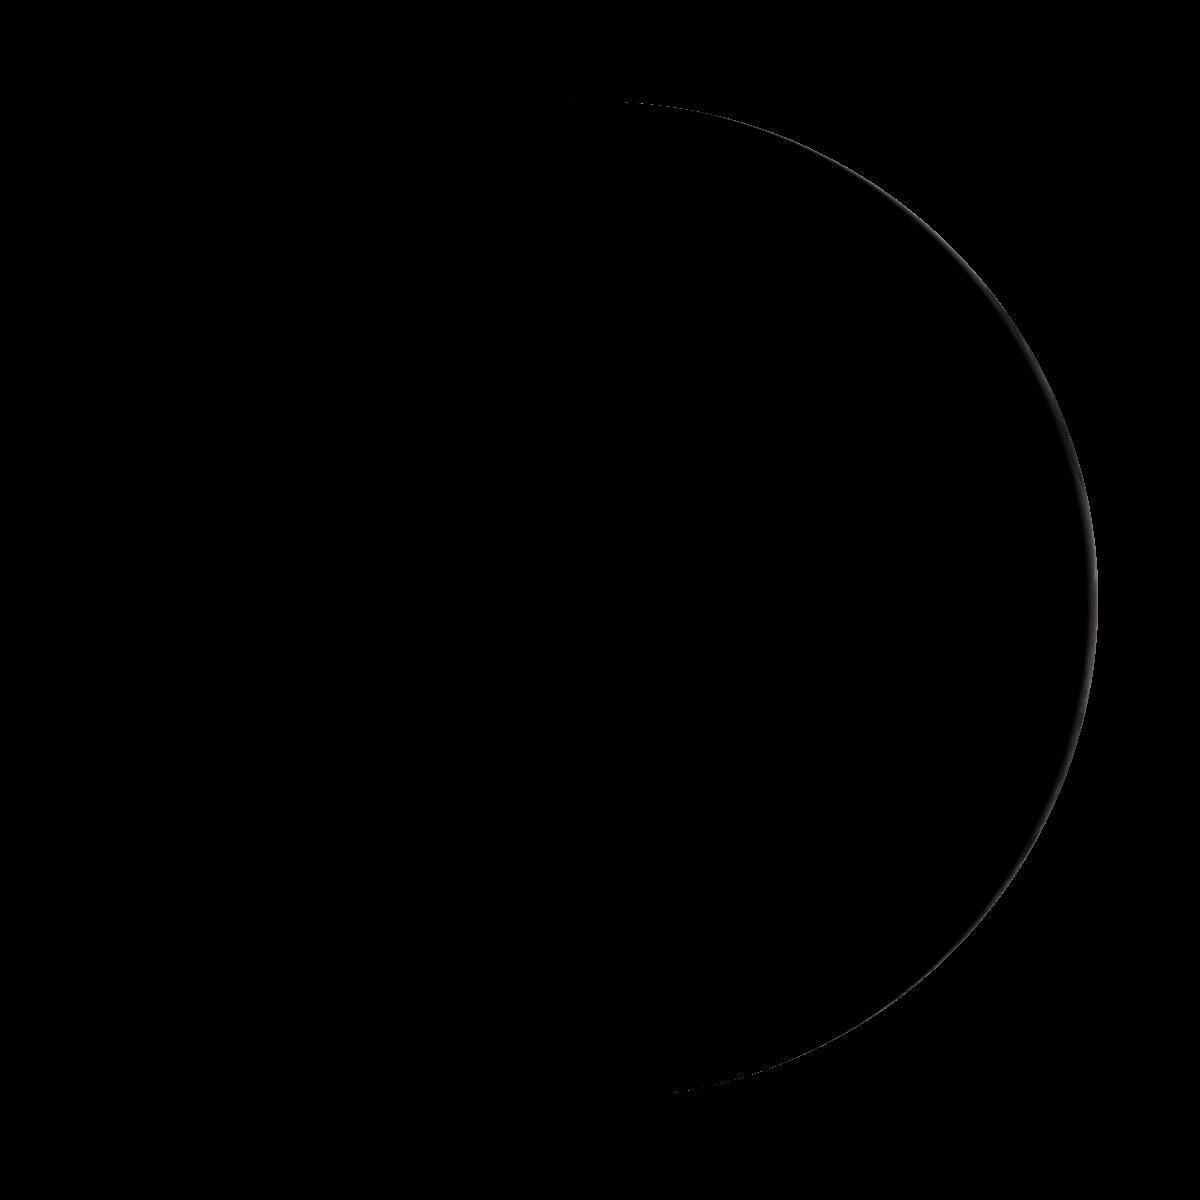 Lune du 2 aout 2019